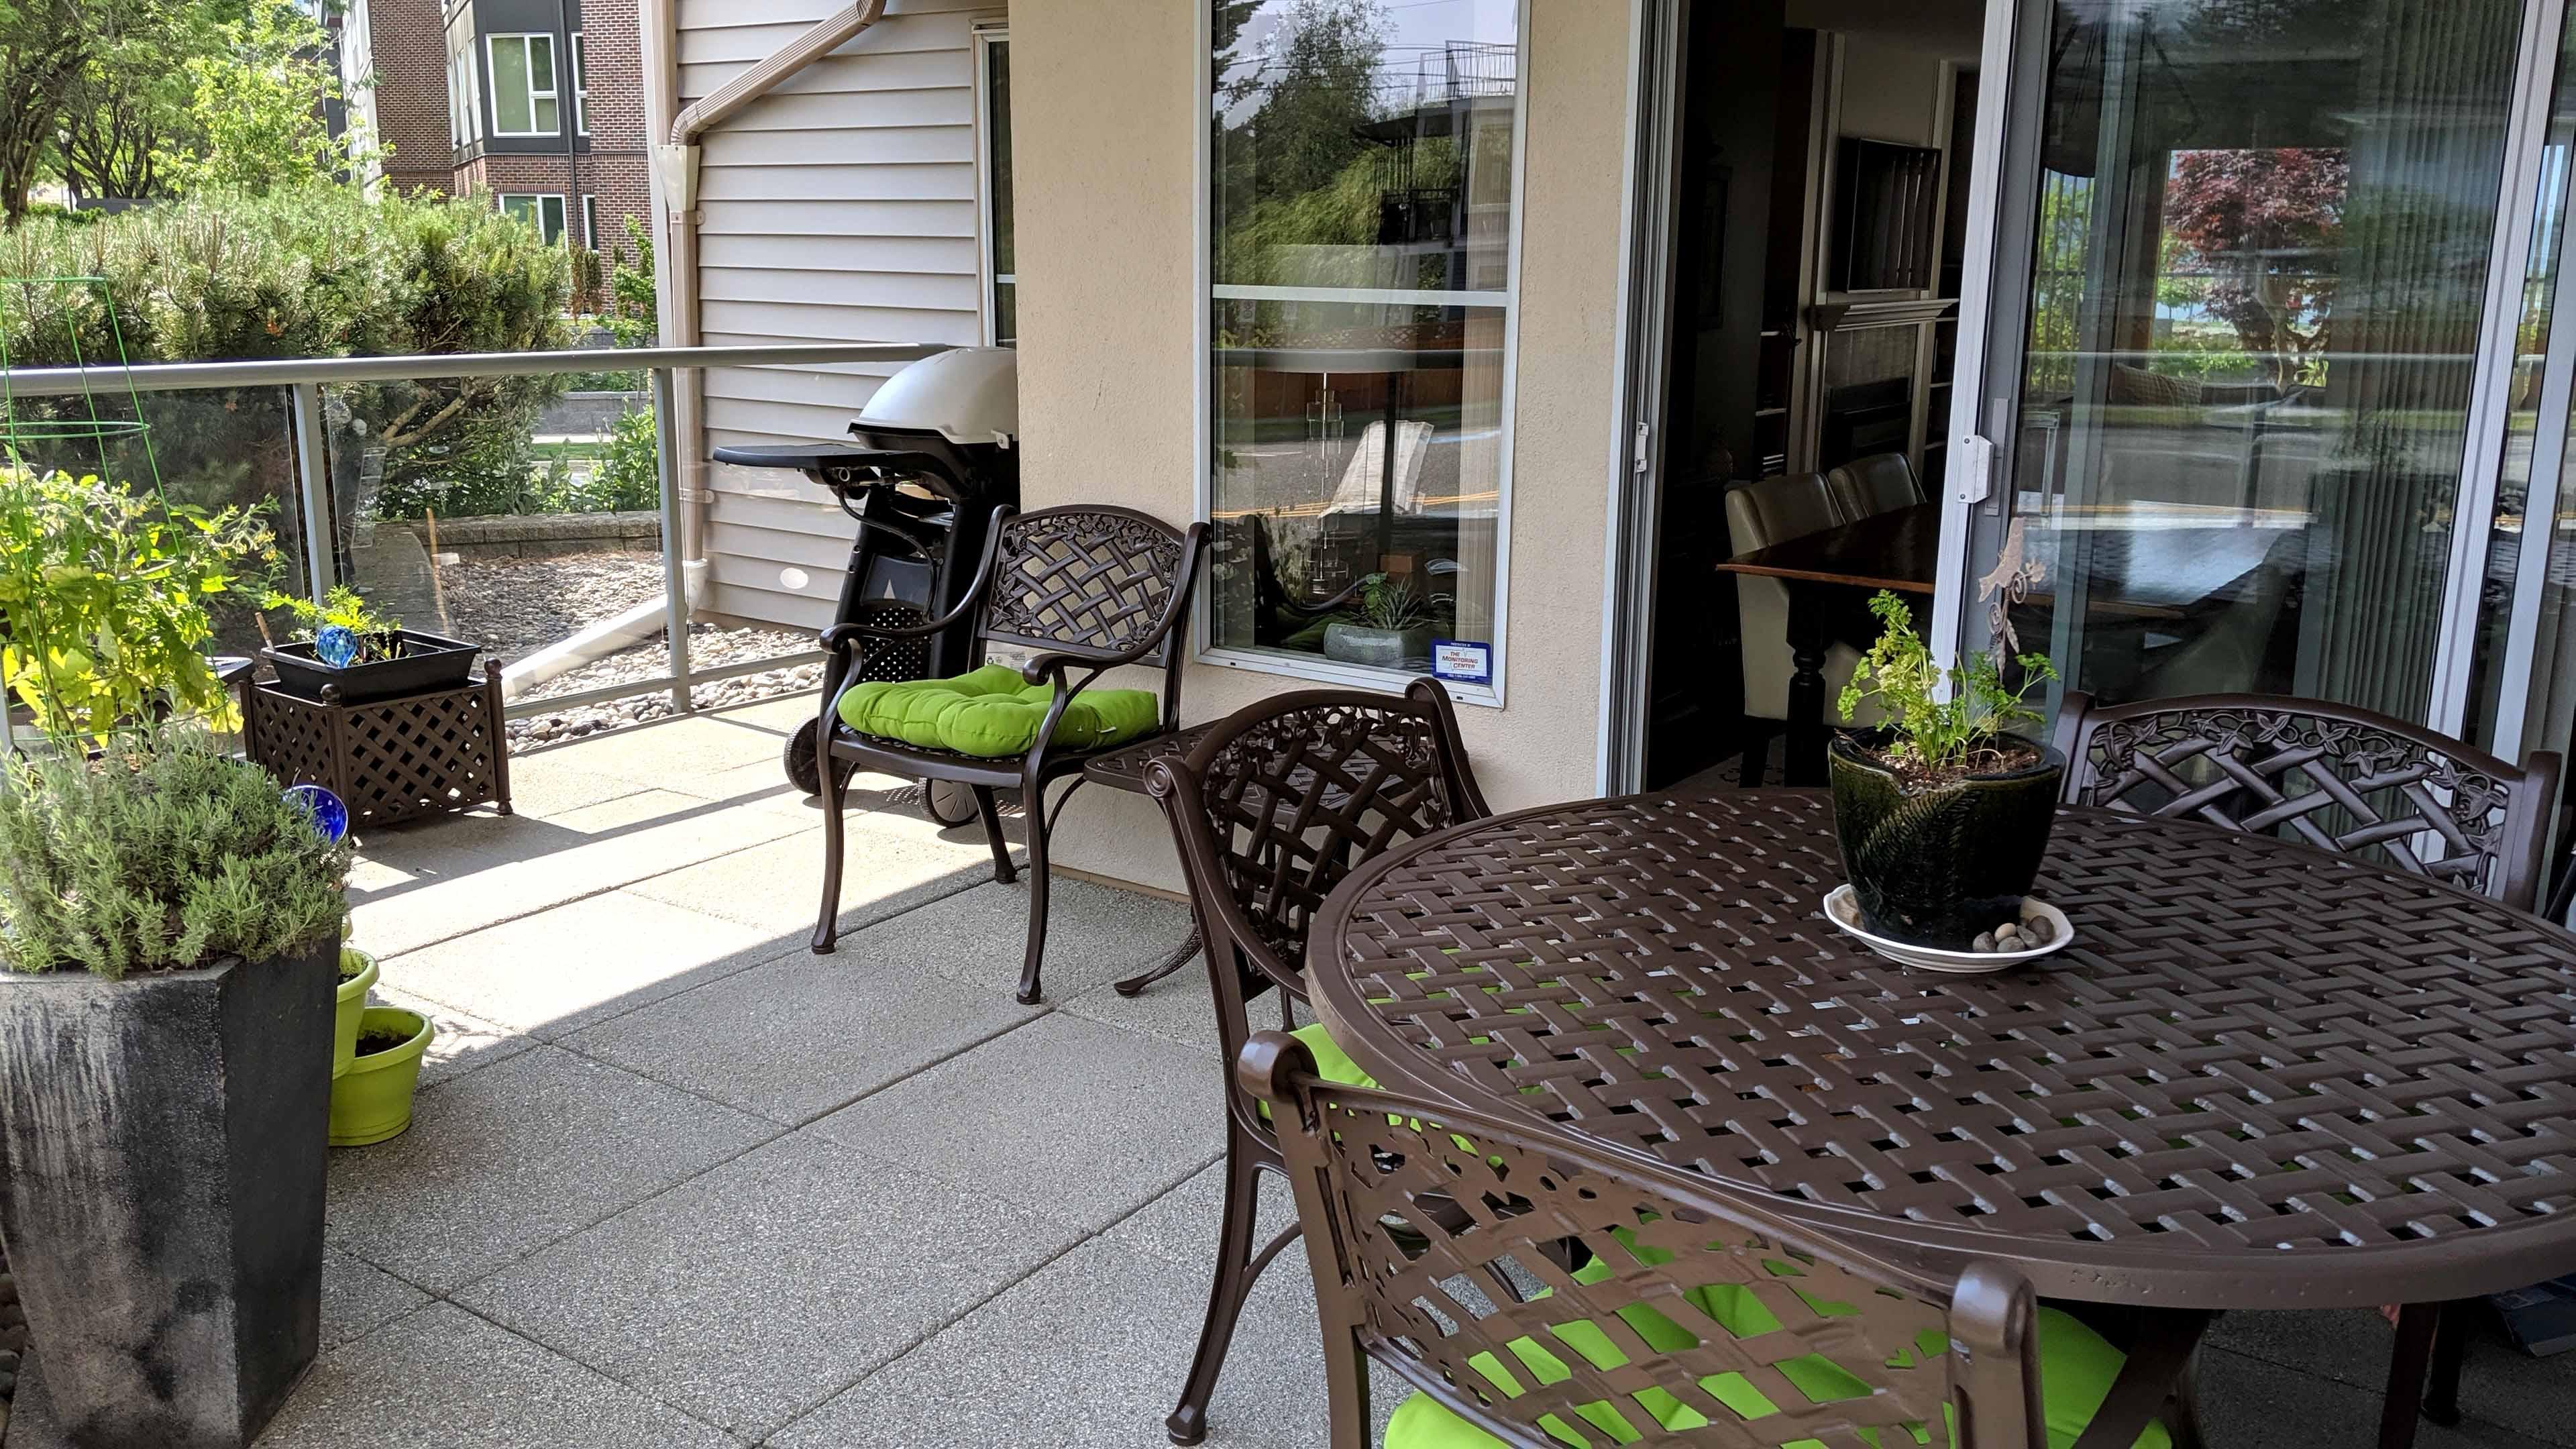 Powder coated patio set